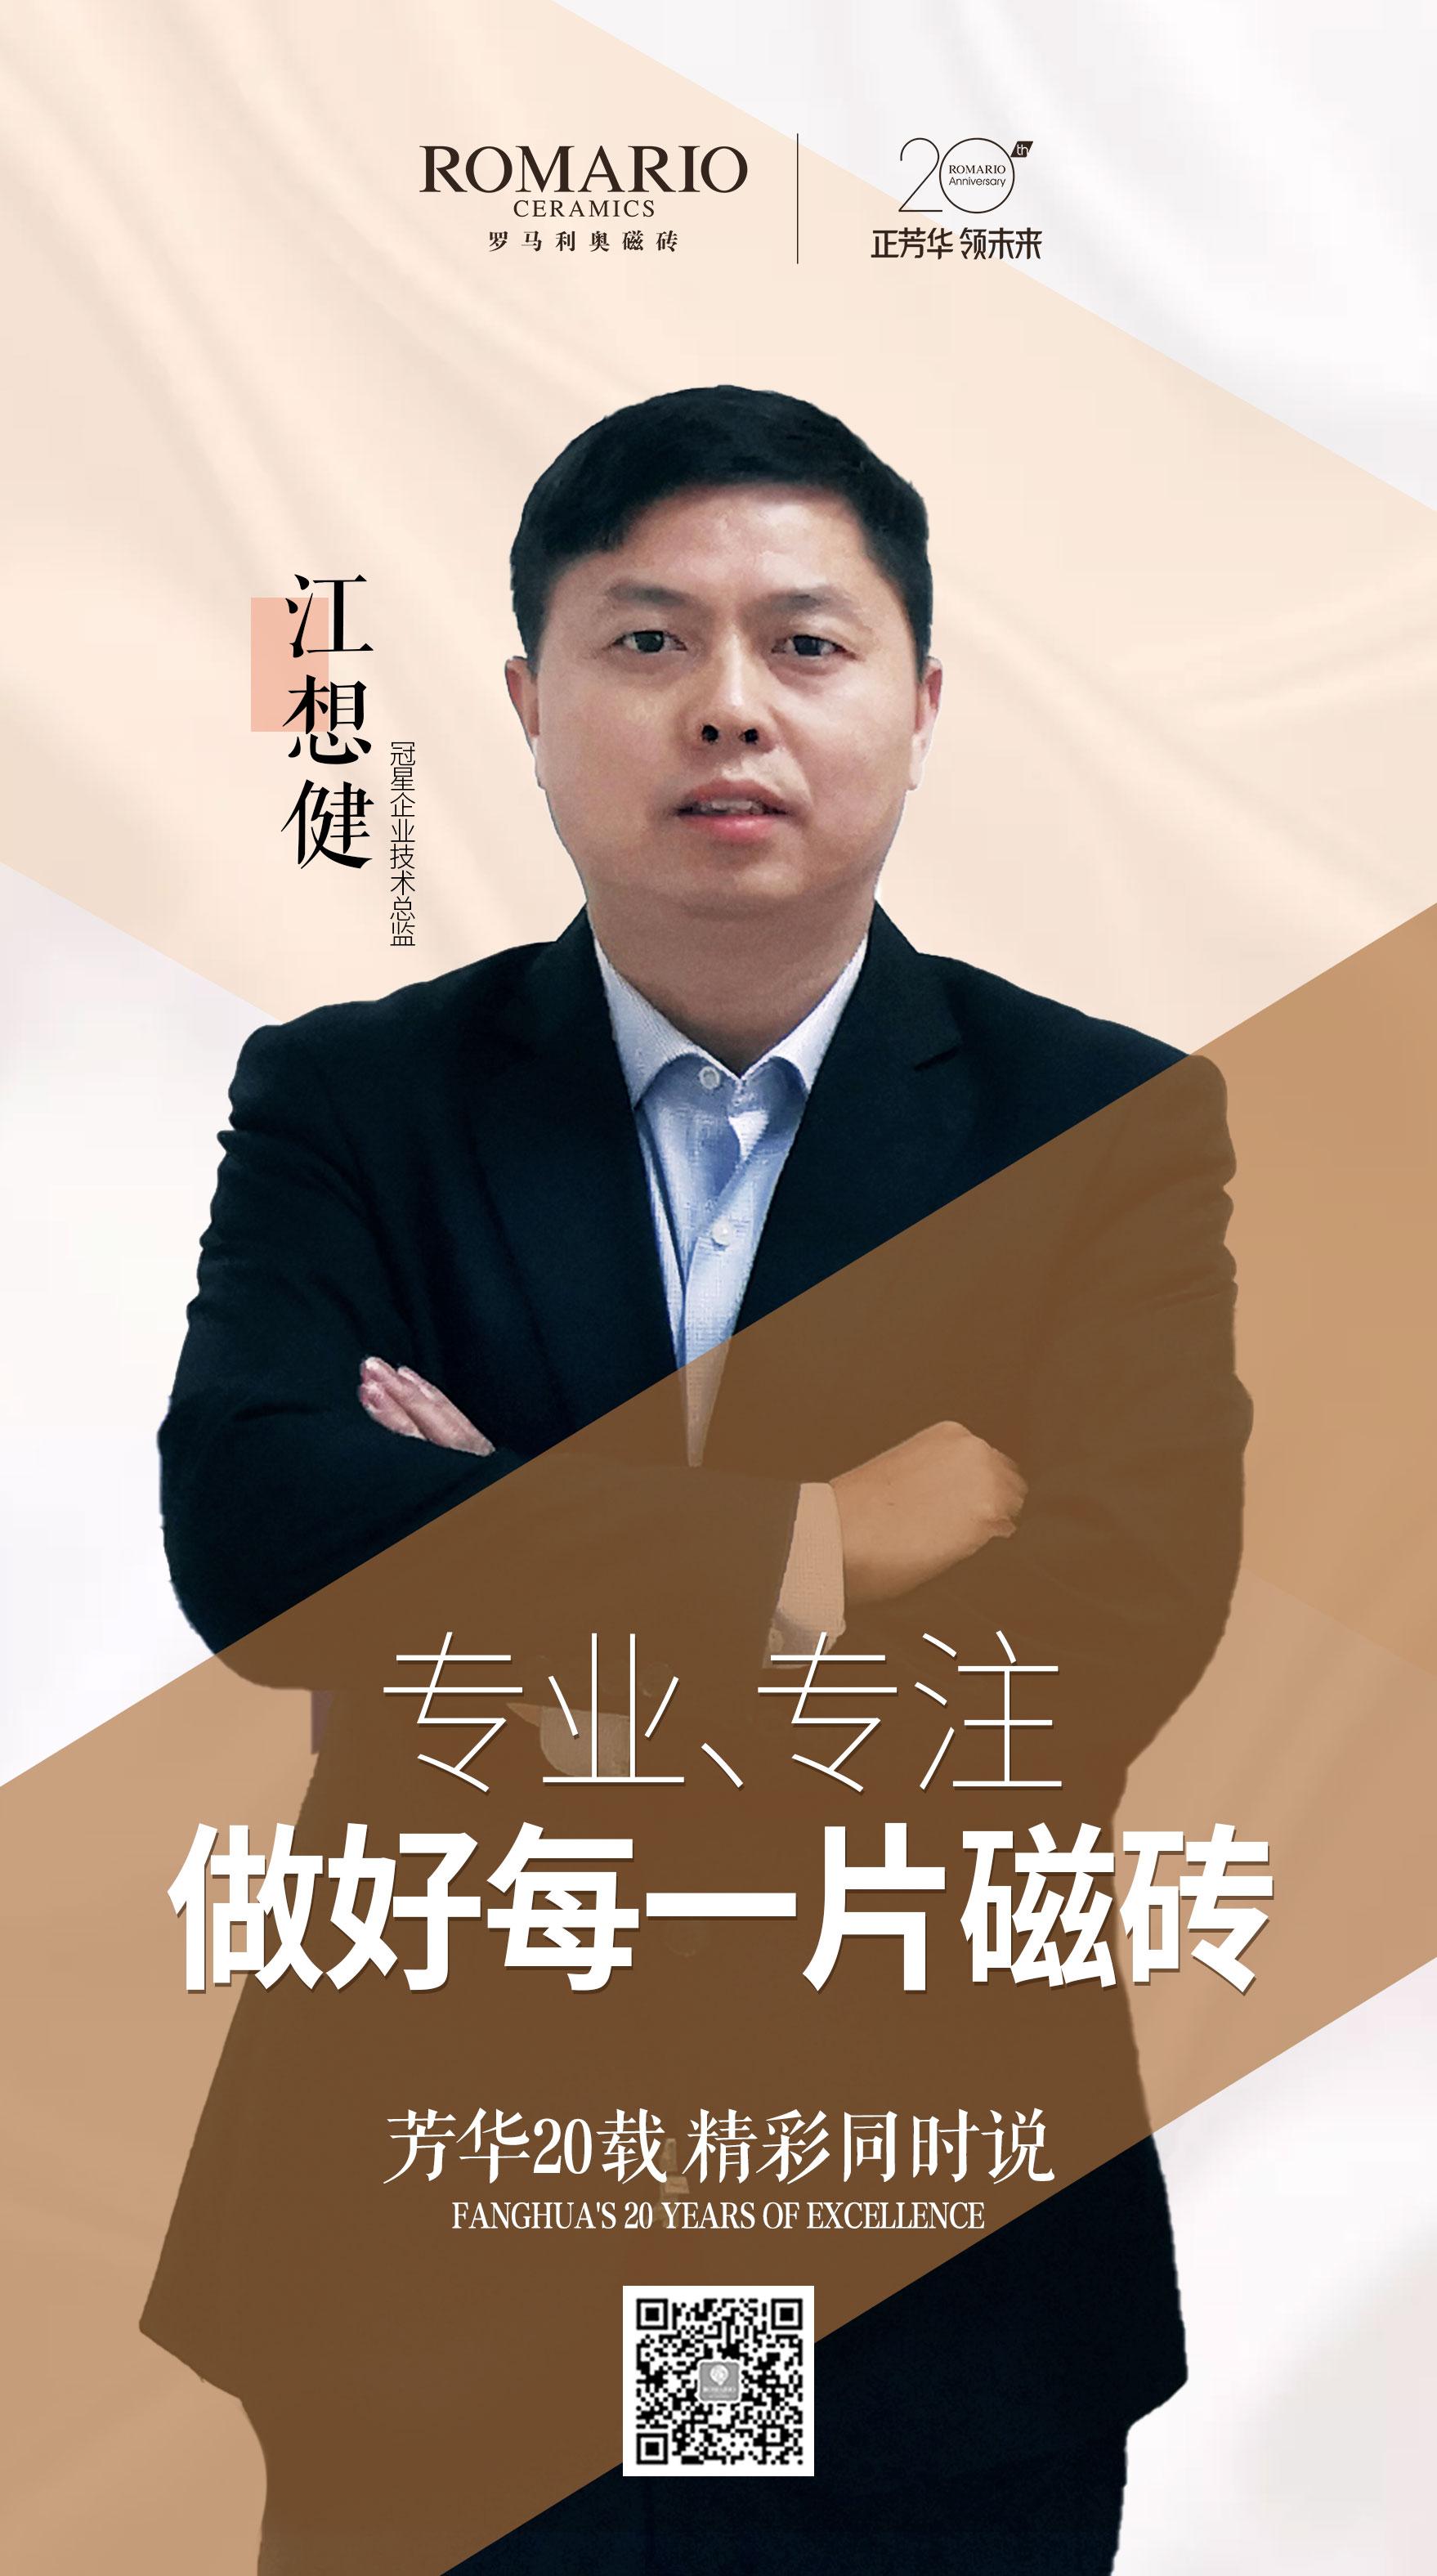 1-冠星企业技术总监江想健